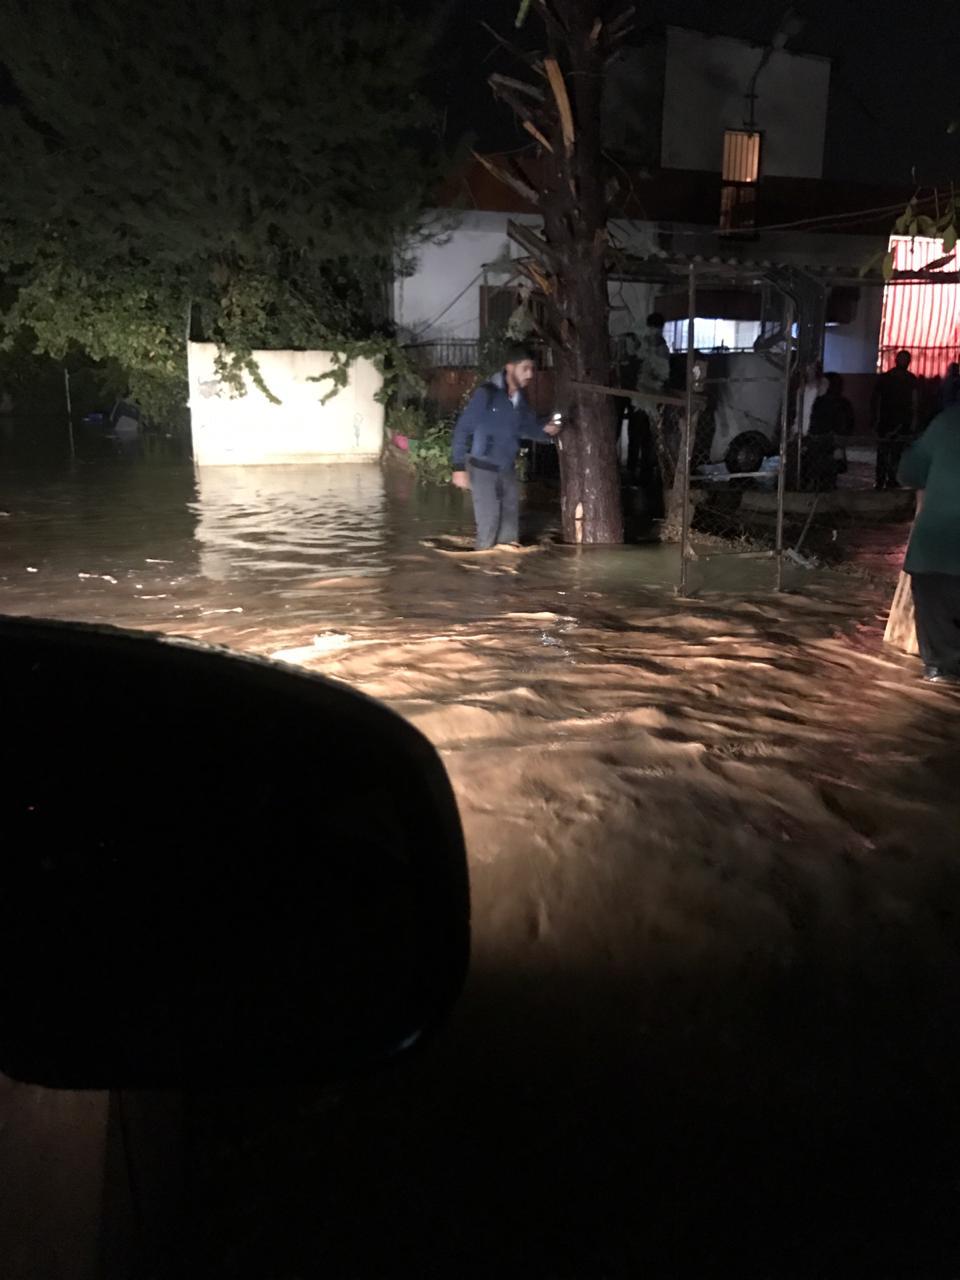 بالصور أمطار فيضانية تُغرق بلدتي مجدل عنجر والصويري!!